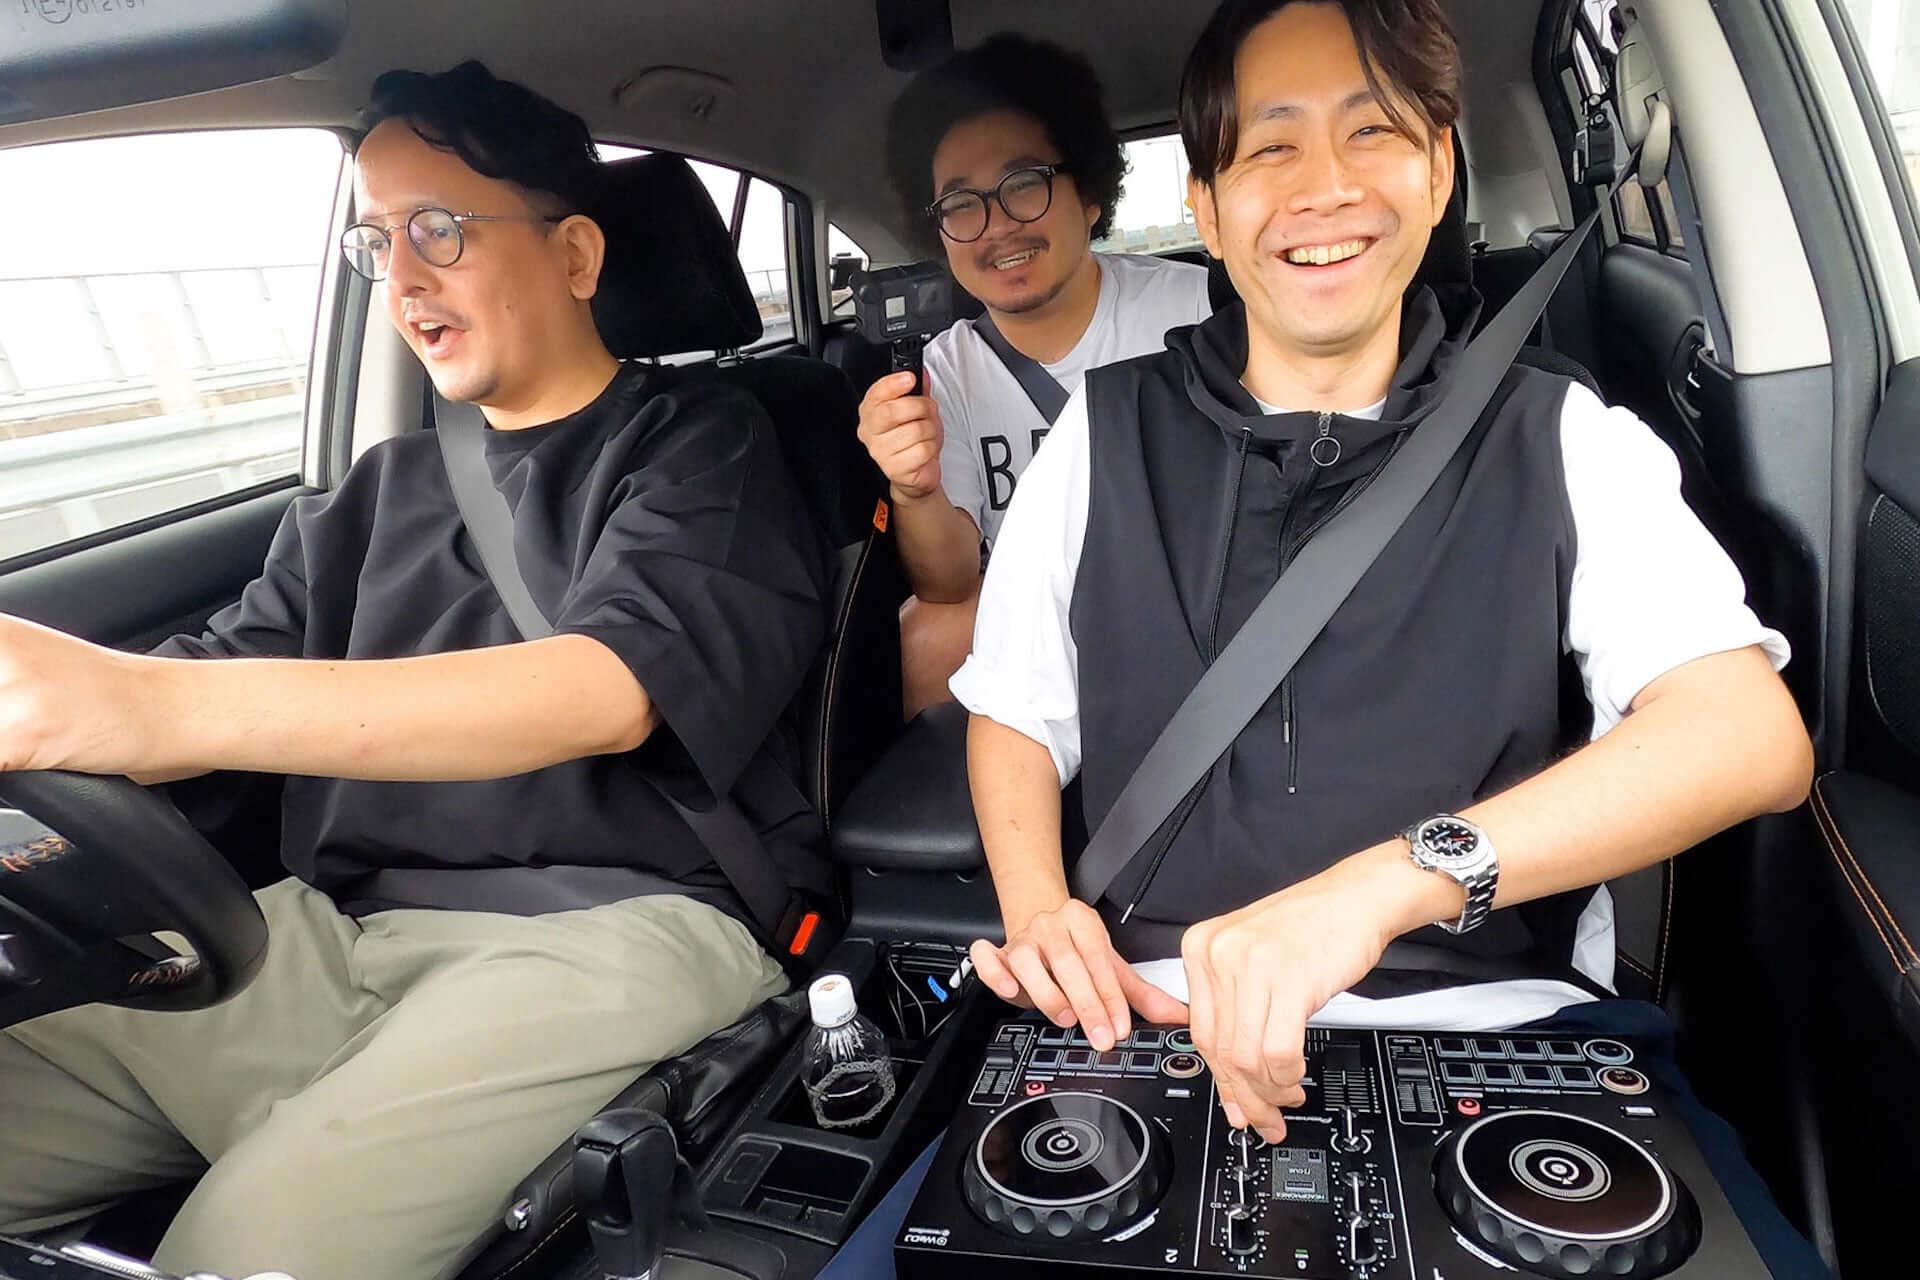 アフロマンス、TJO、DJ KOMORIがPioneer DJ『DDJ-200』と共にドライブ!「DRIVE DJ」を実践した特別映像が公開 music200805_drive-dj_3-1920x1280